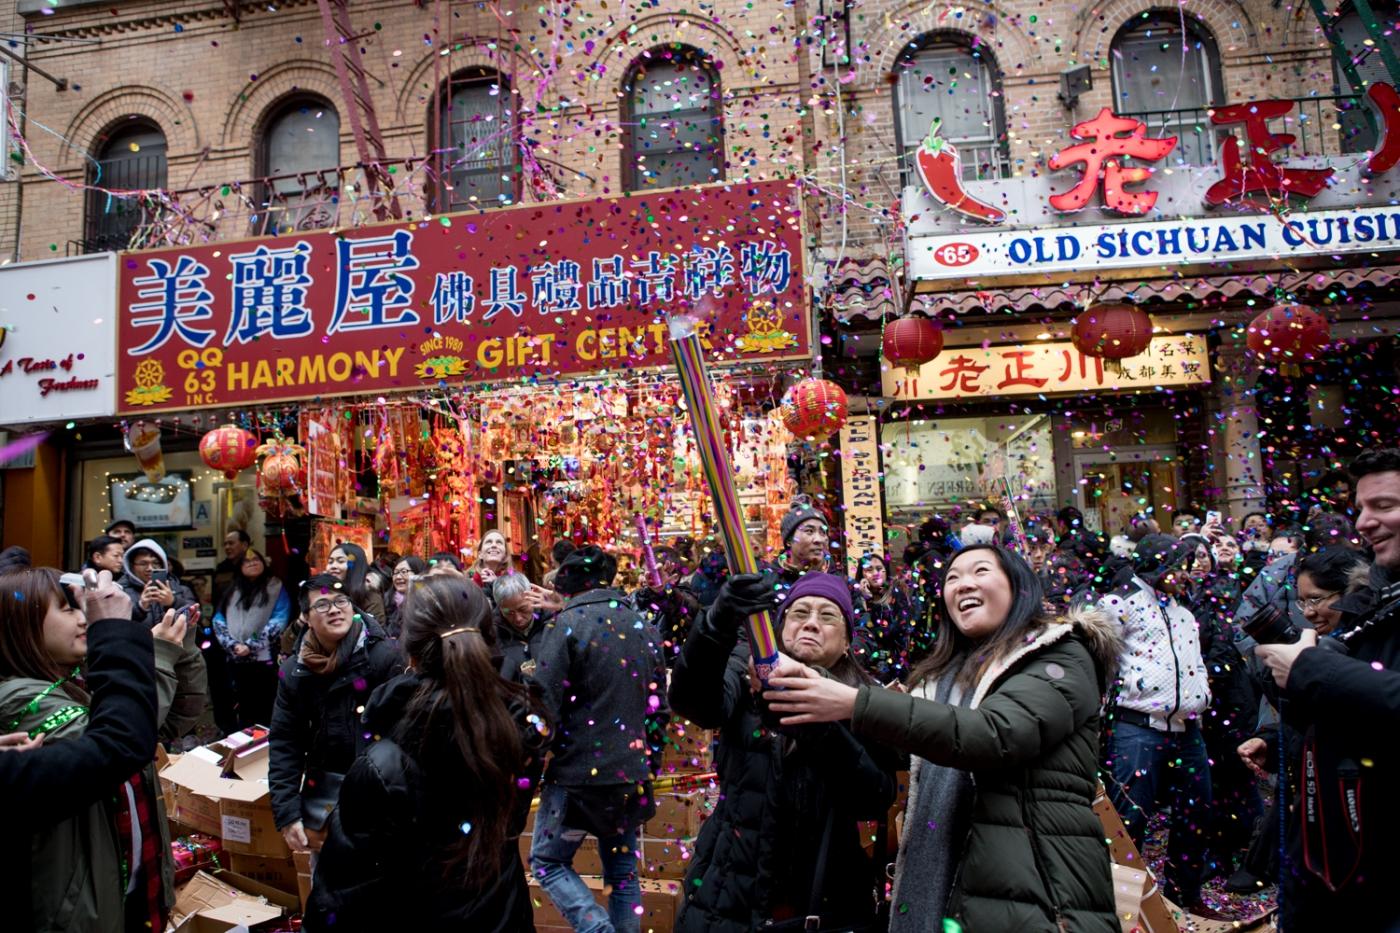 美國春節好熱鬧    ----紐約曼哈頓唐人街大年初一 20170128_图1-42